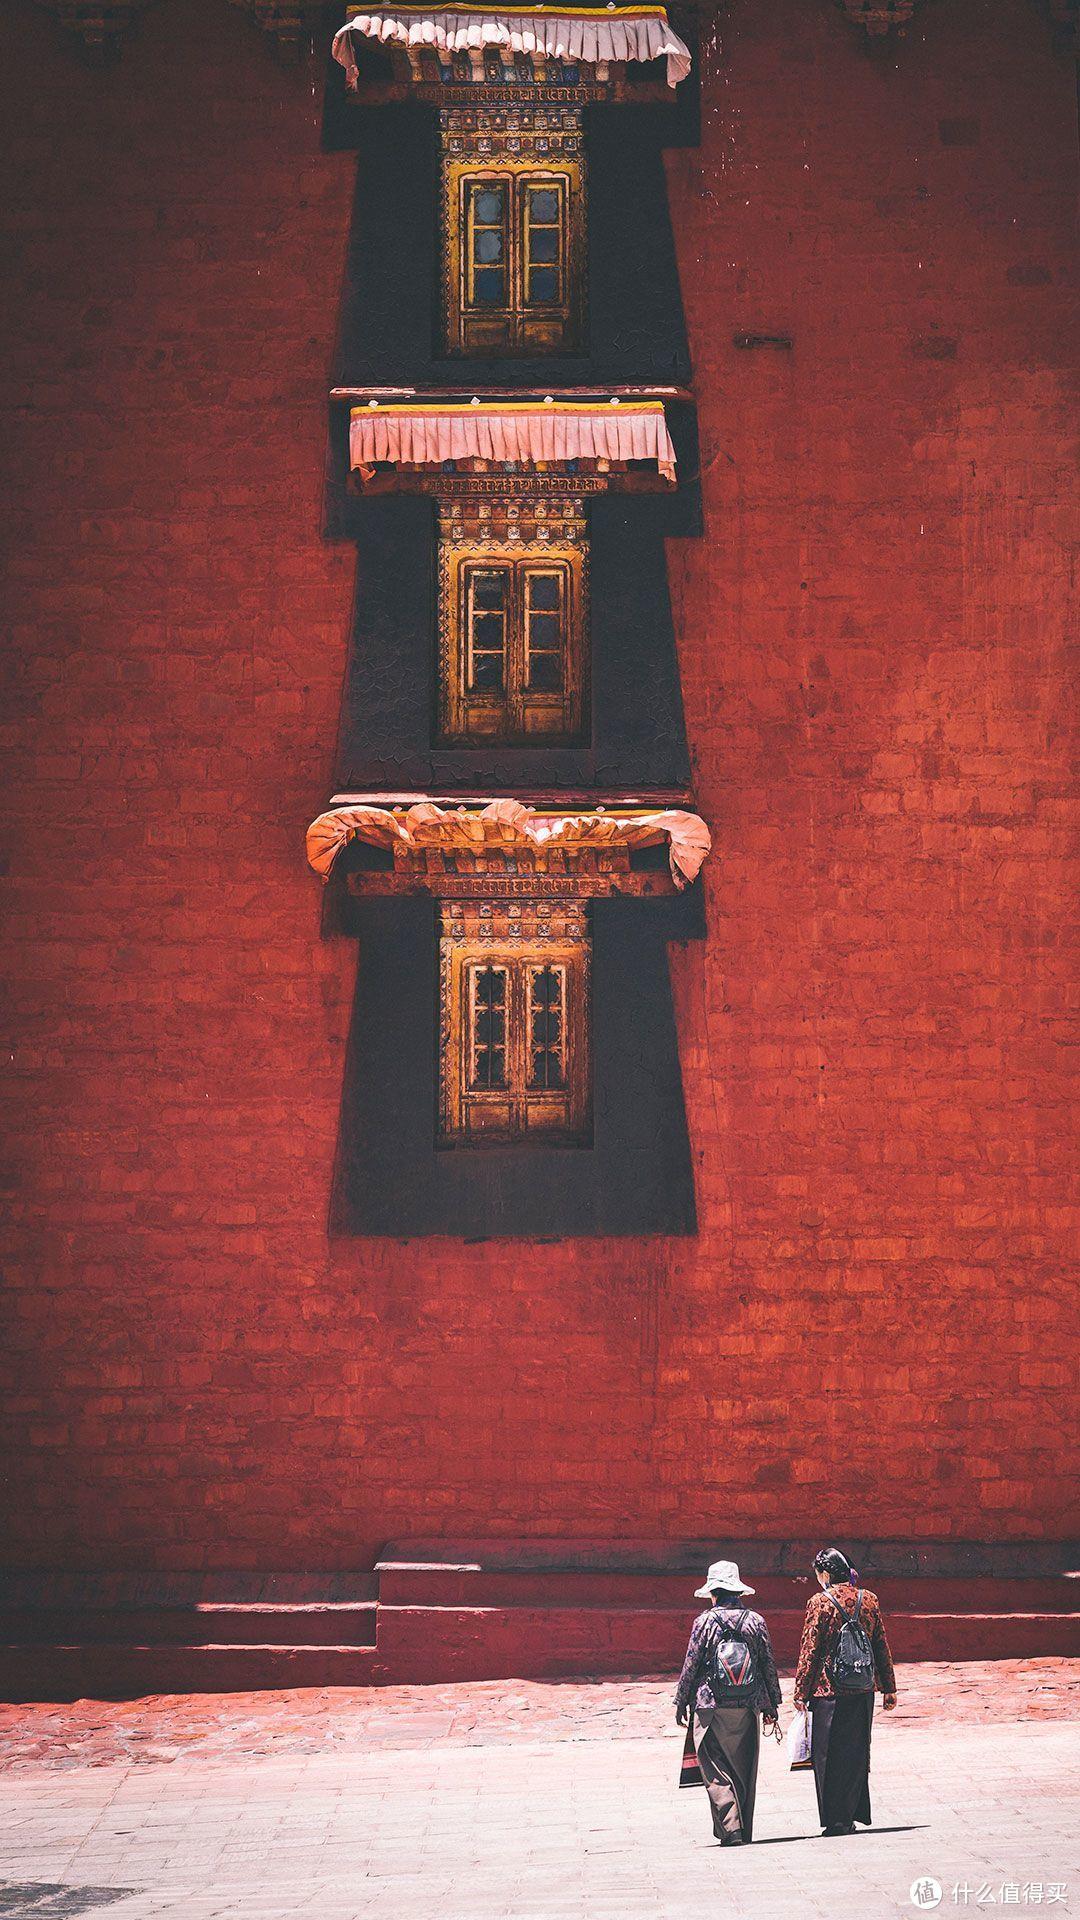 日喀则扎什伦布寺十世班禅灵塔殿——释颂南捷